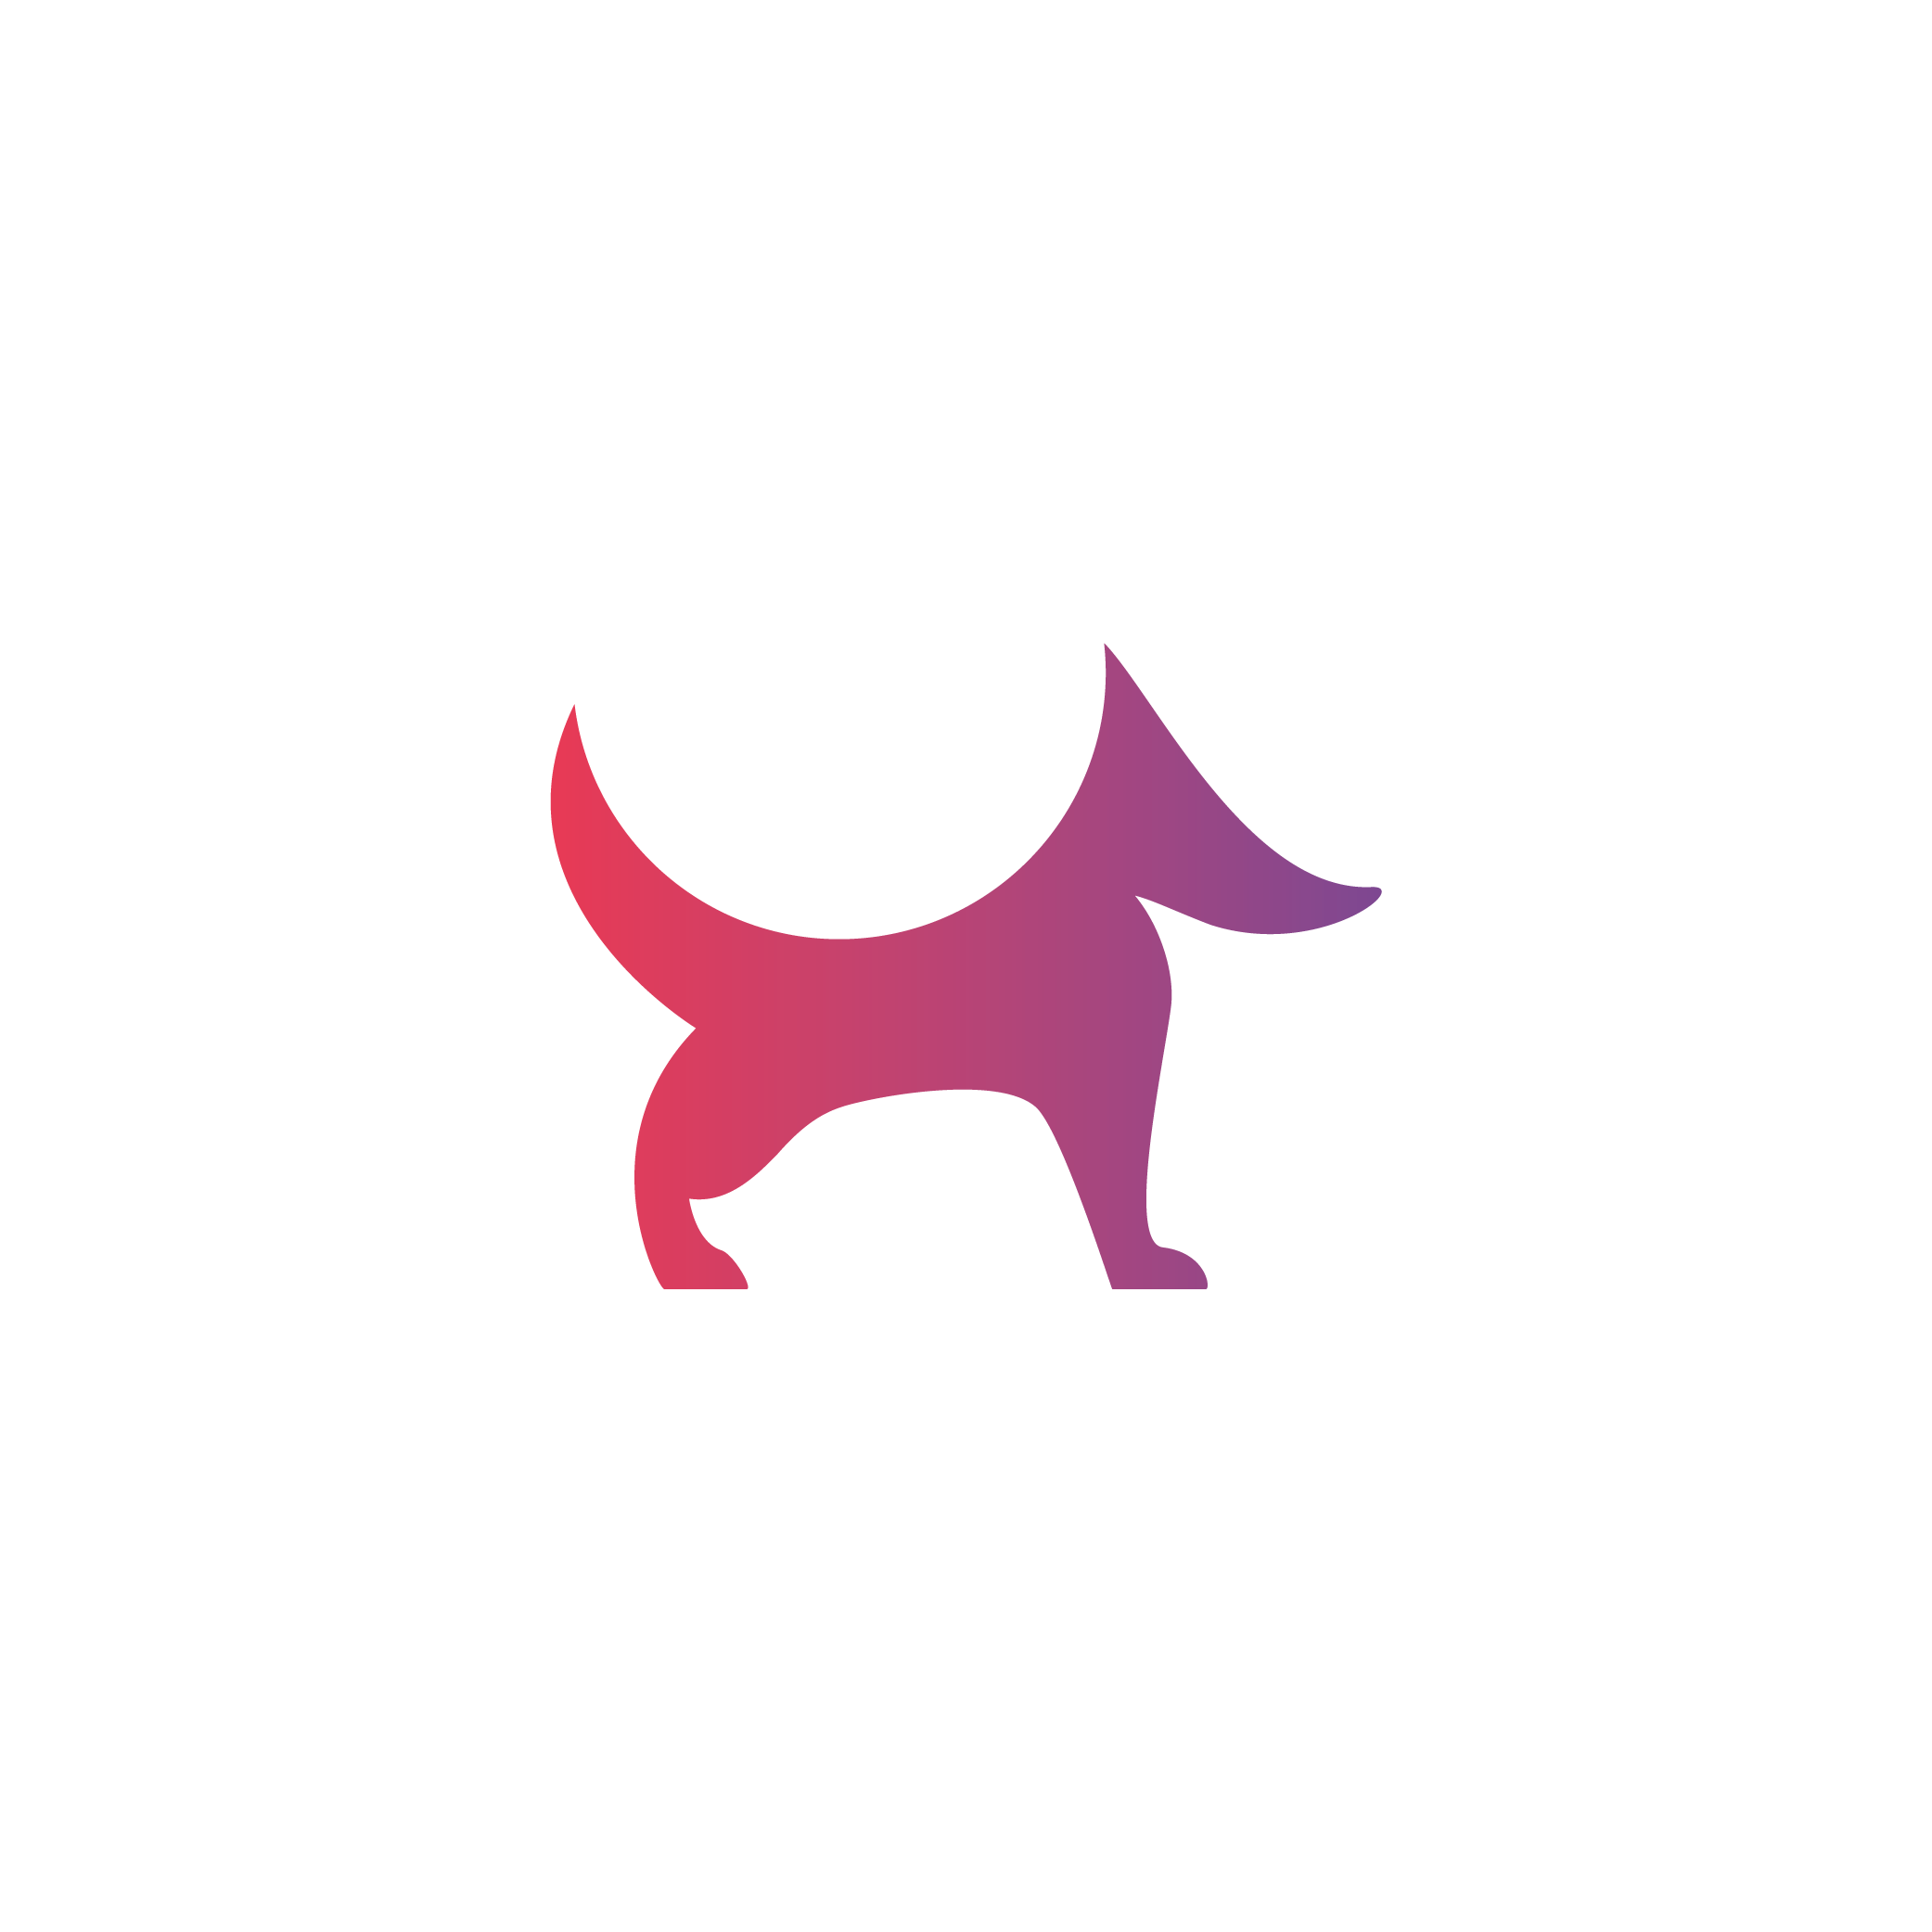 Gradient Dog Logo - Apollo Creative Co. - Hampshire Graphic Design